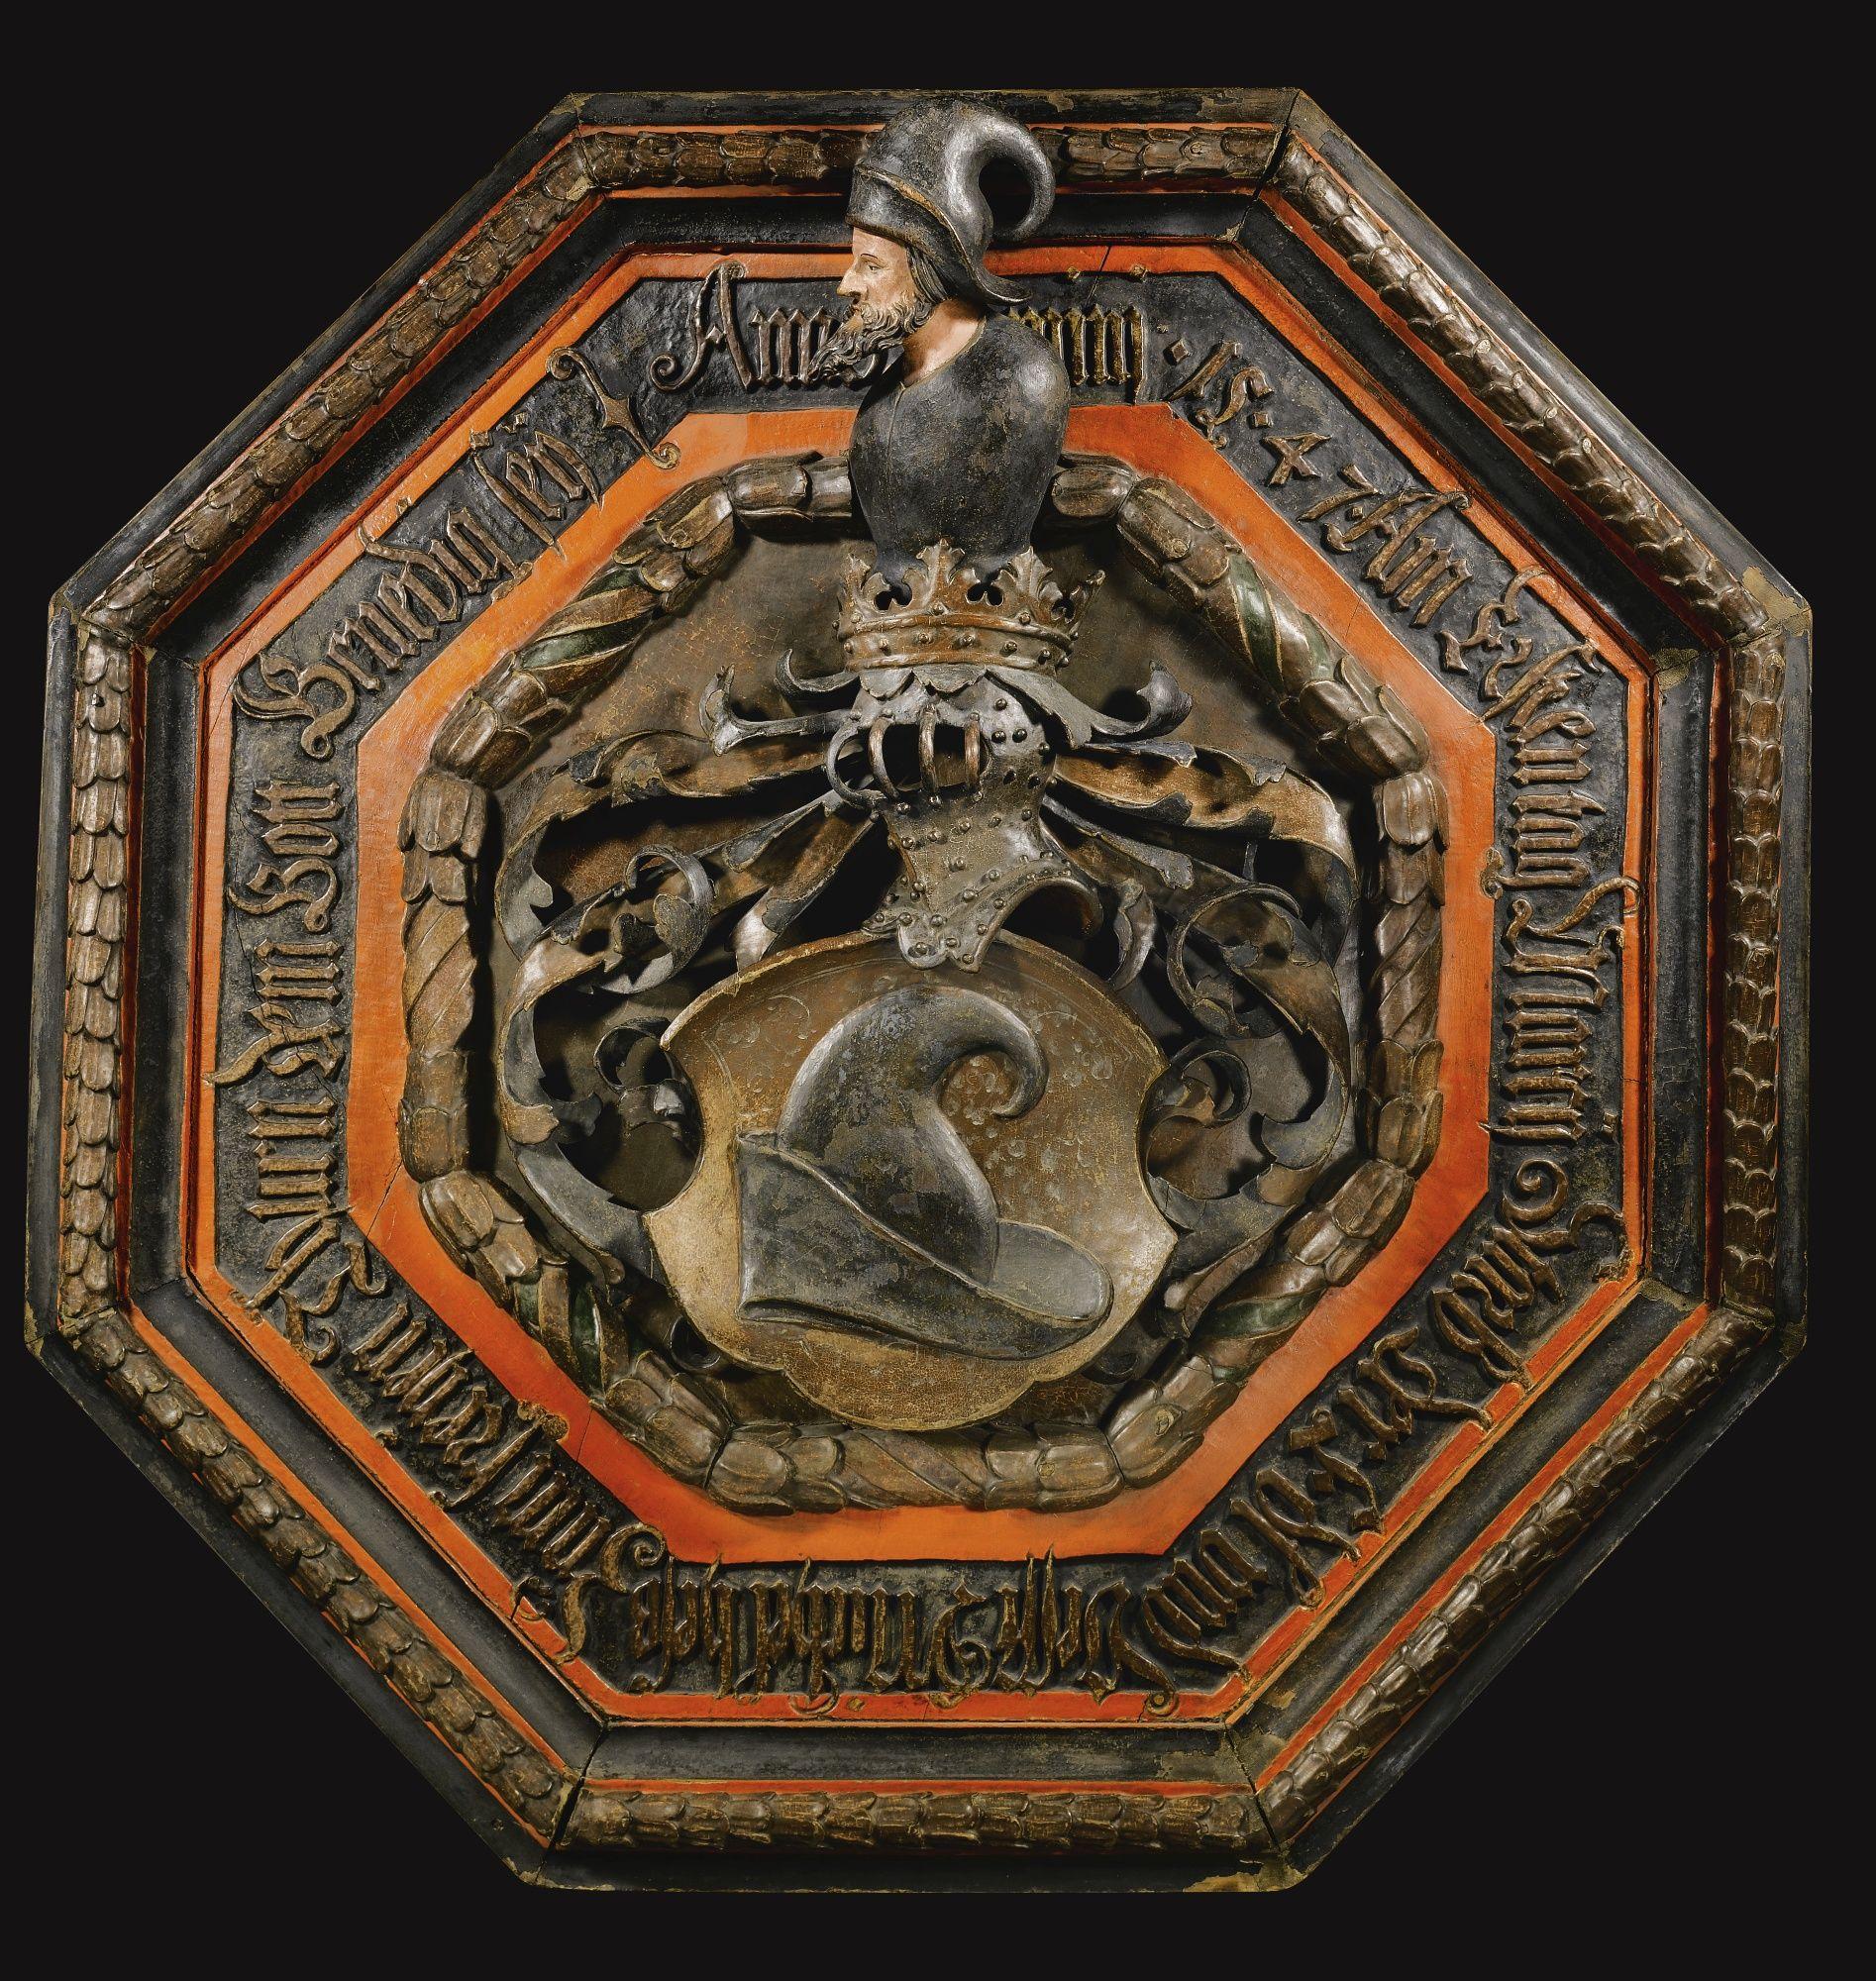 16th Century Memorial Shield for Michel Hess Zum Freijen Thurn, inscribed: Anno dominj 1547 Am Ersten tag Marcij Starb der Edl und Vesst Michel hesß Zum freijen Thurn, dem Gott Genedig seij